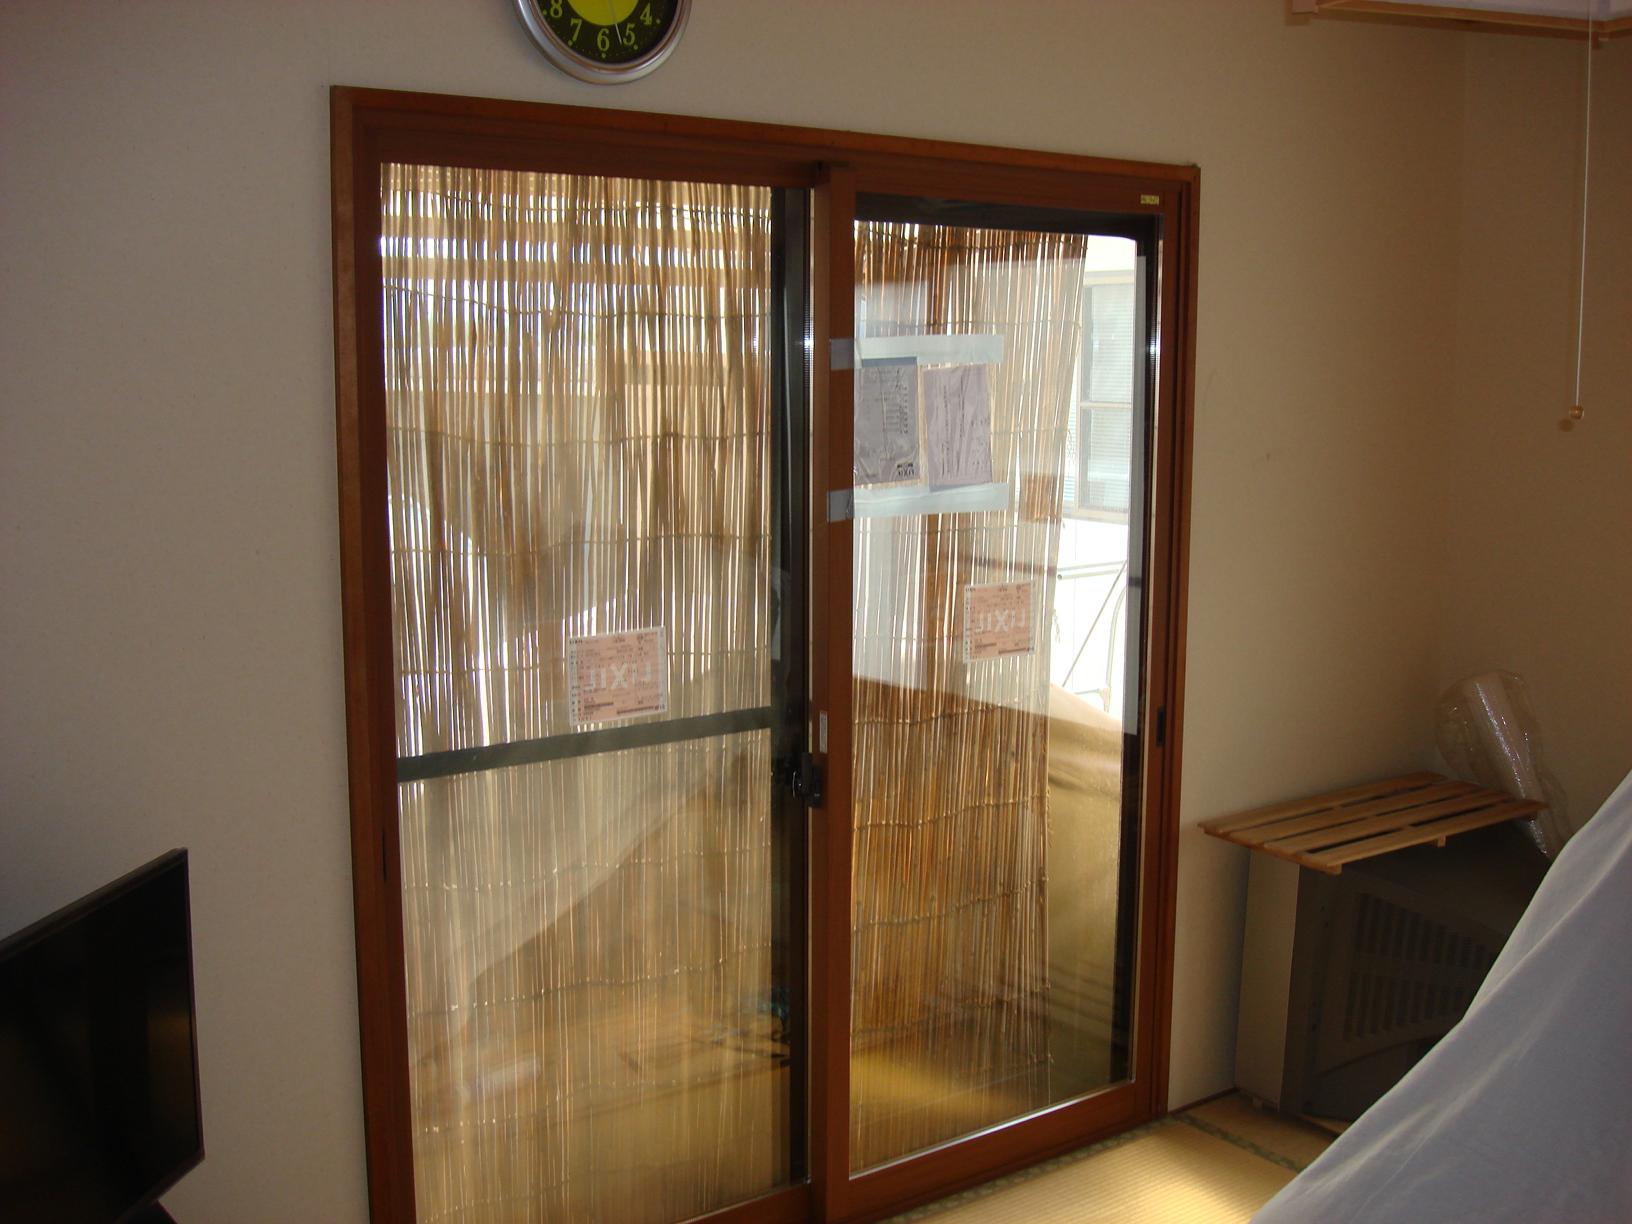 シーエス建材トーヨー住器の今あるマドの内側への施工事例写真